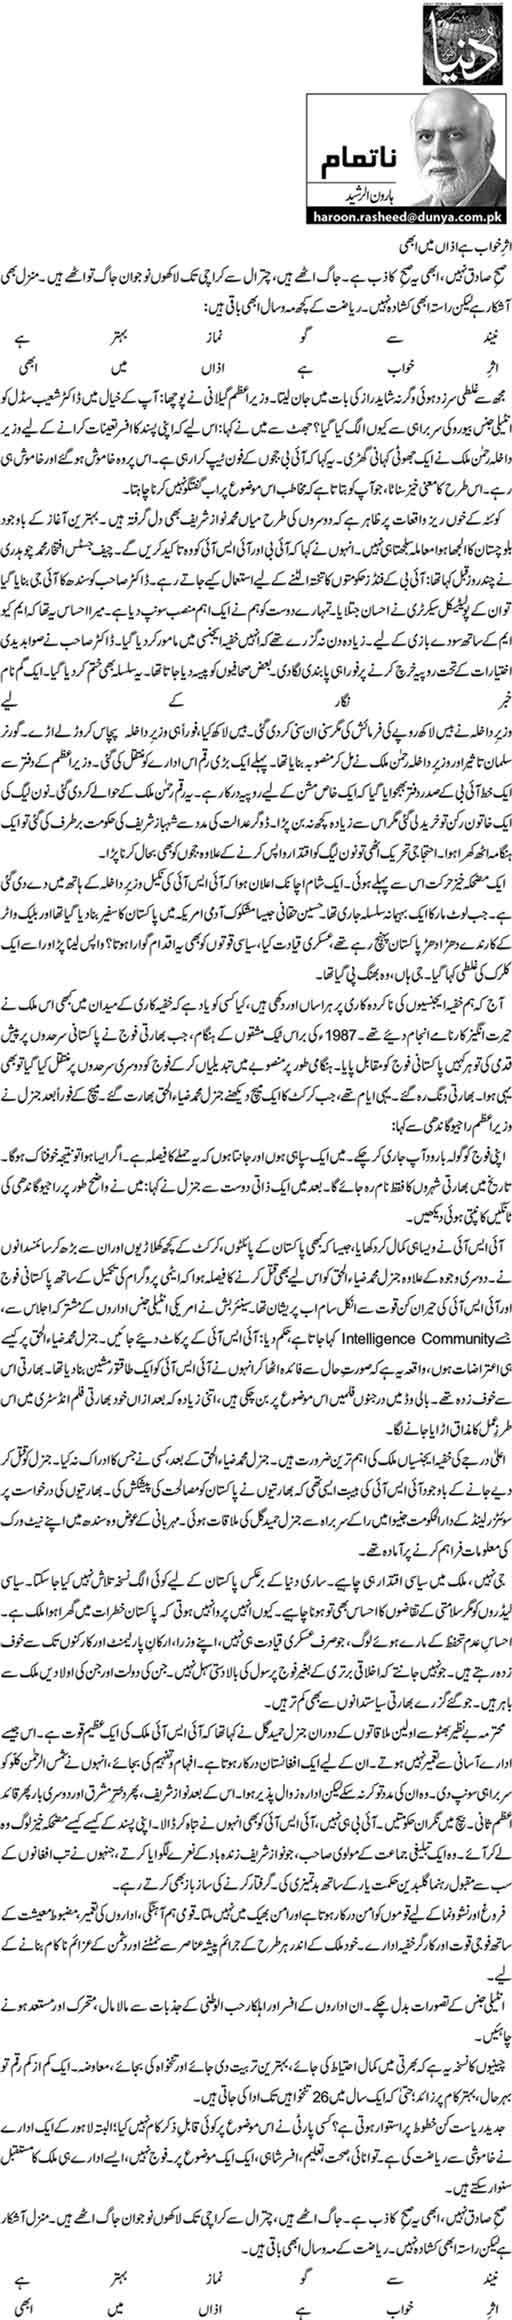 Asar e Khawab Hai Azan Main Abhi - Haroon-ur-Rasheed